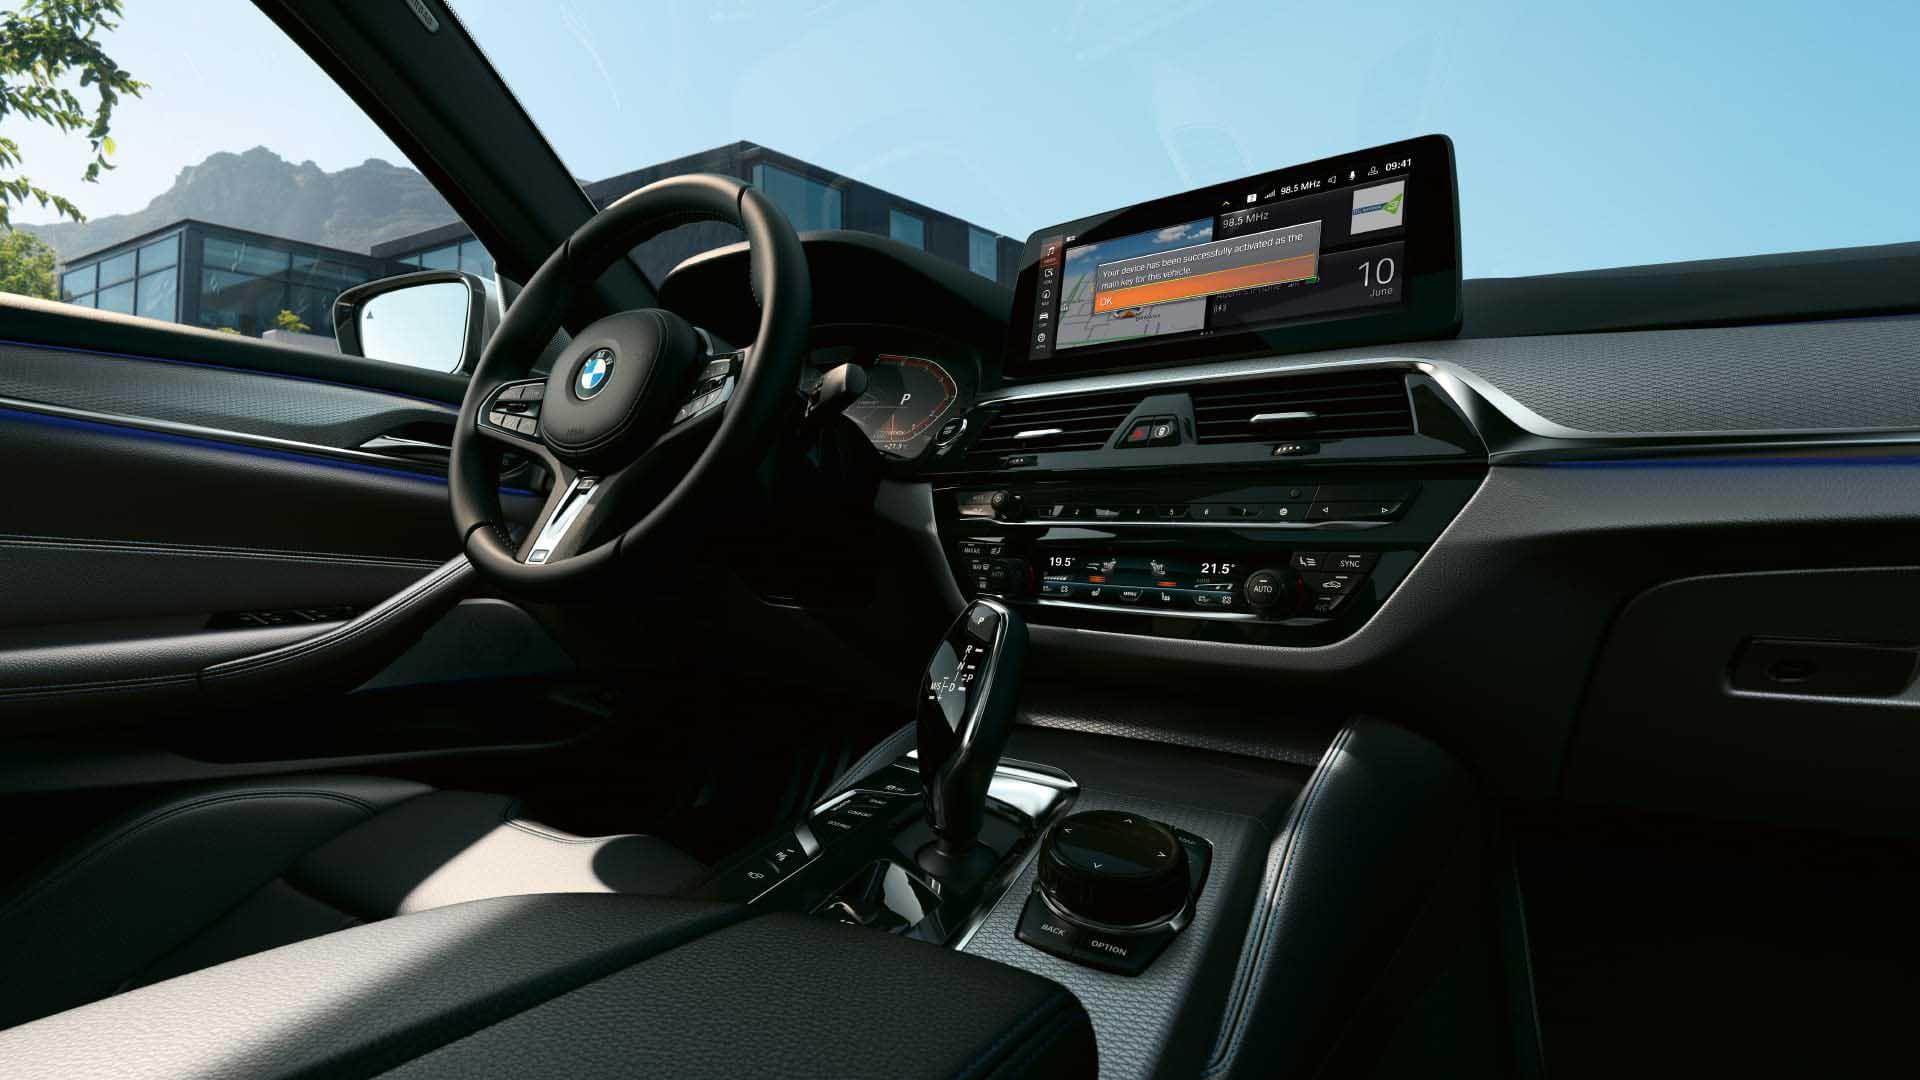 BMW si prepara ad integrare nei veicoli la versione Ultrawide Band della Car Key di Apple